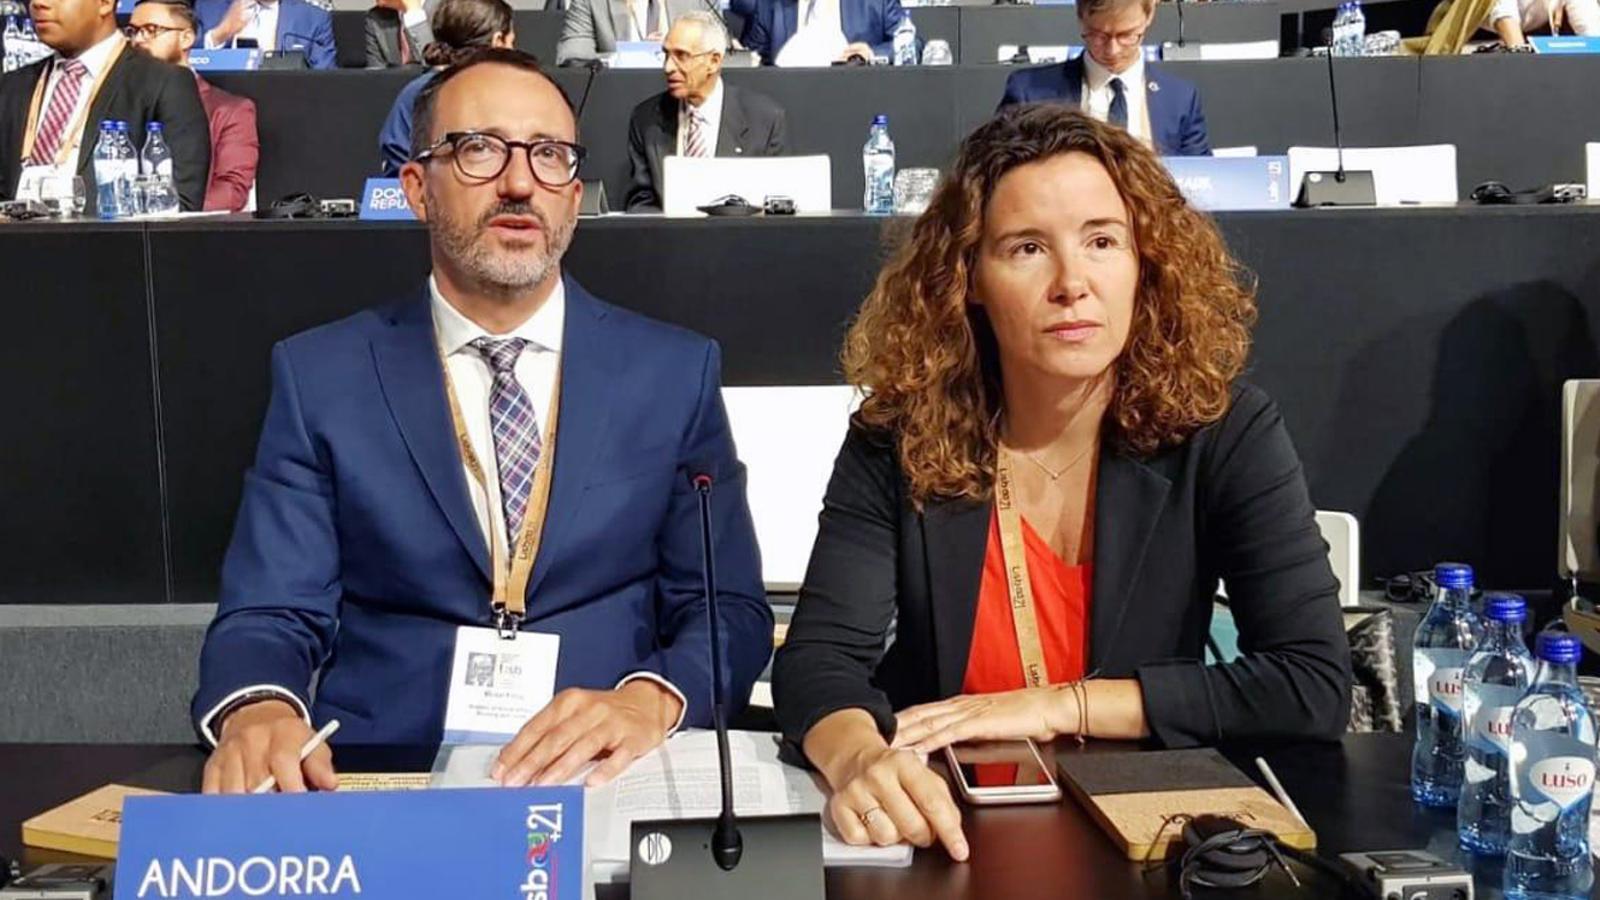 El ministre d'Afers Socials, Habitatge i Joventut, Víctor Filloy, a la Conferència Mundial de Ministres de Joventut 2019 i Fòrum de Joventut +21. / SFGA